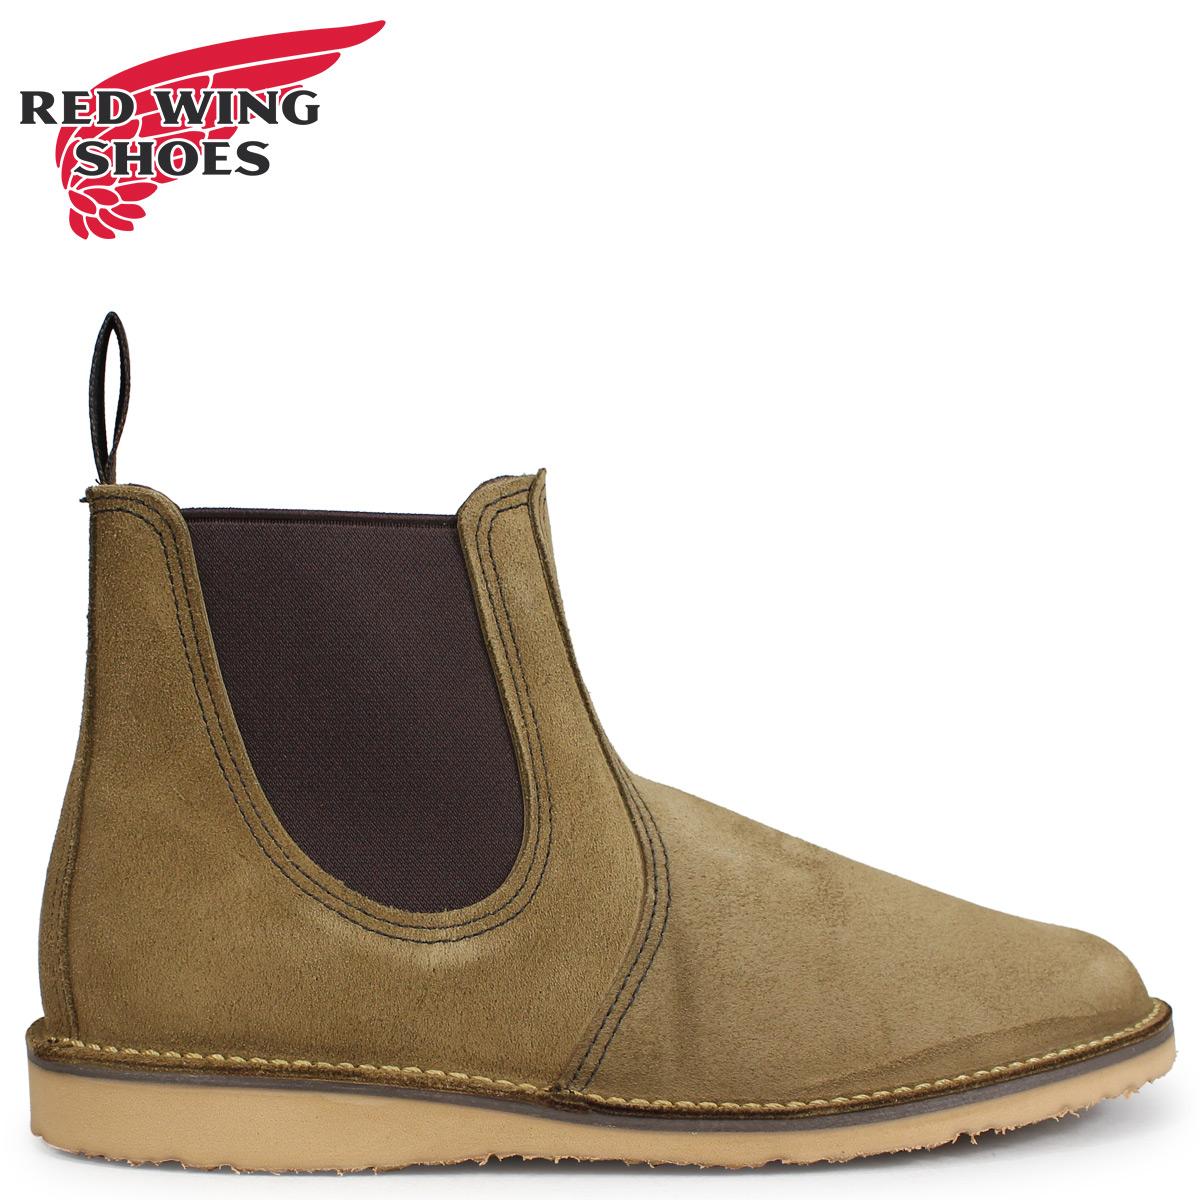 RED WING レッドウィング ブーツ チェルシー サイドゴア メンズ WEEKENDER CHELSEA Dワイズ カーキ 3312